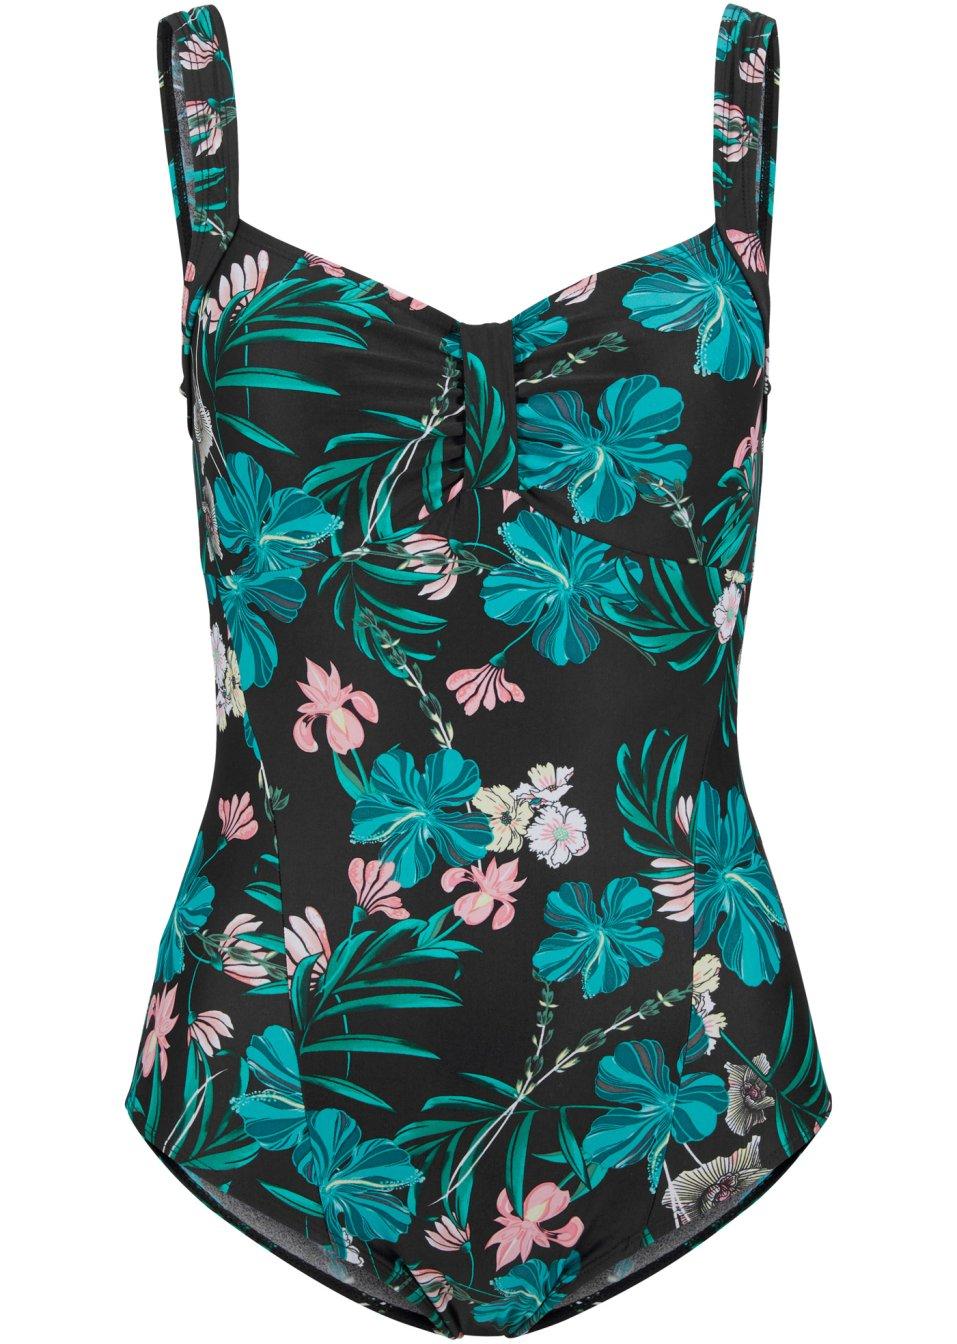 Schöner Shape Badeanzug mit tollem Blumendruck - schwarz/blau bedruckt gwan8 94uyt